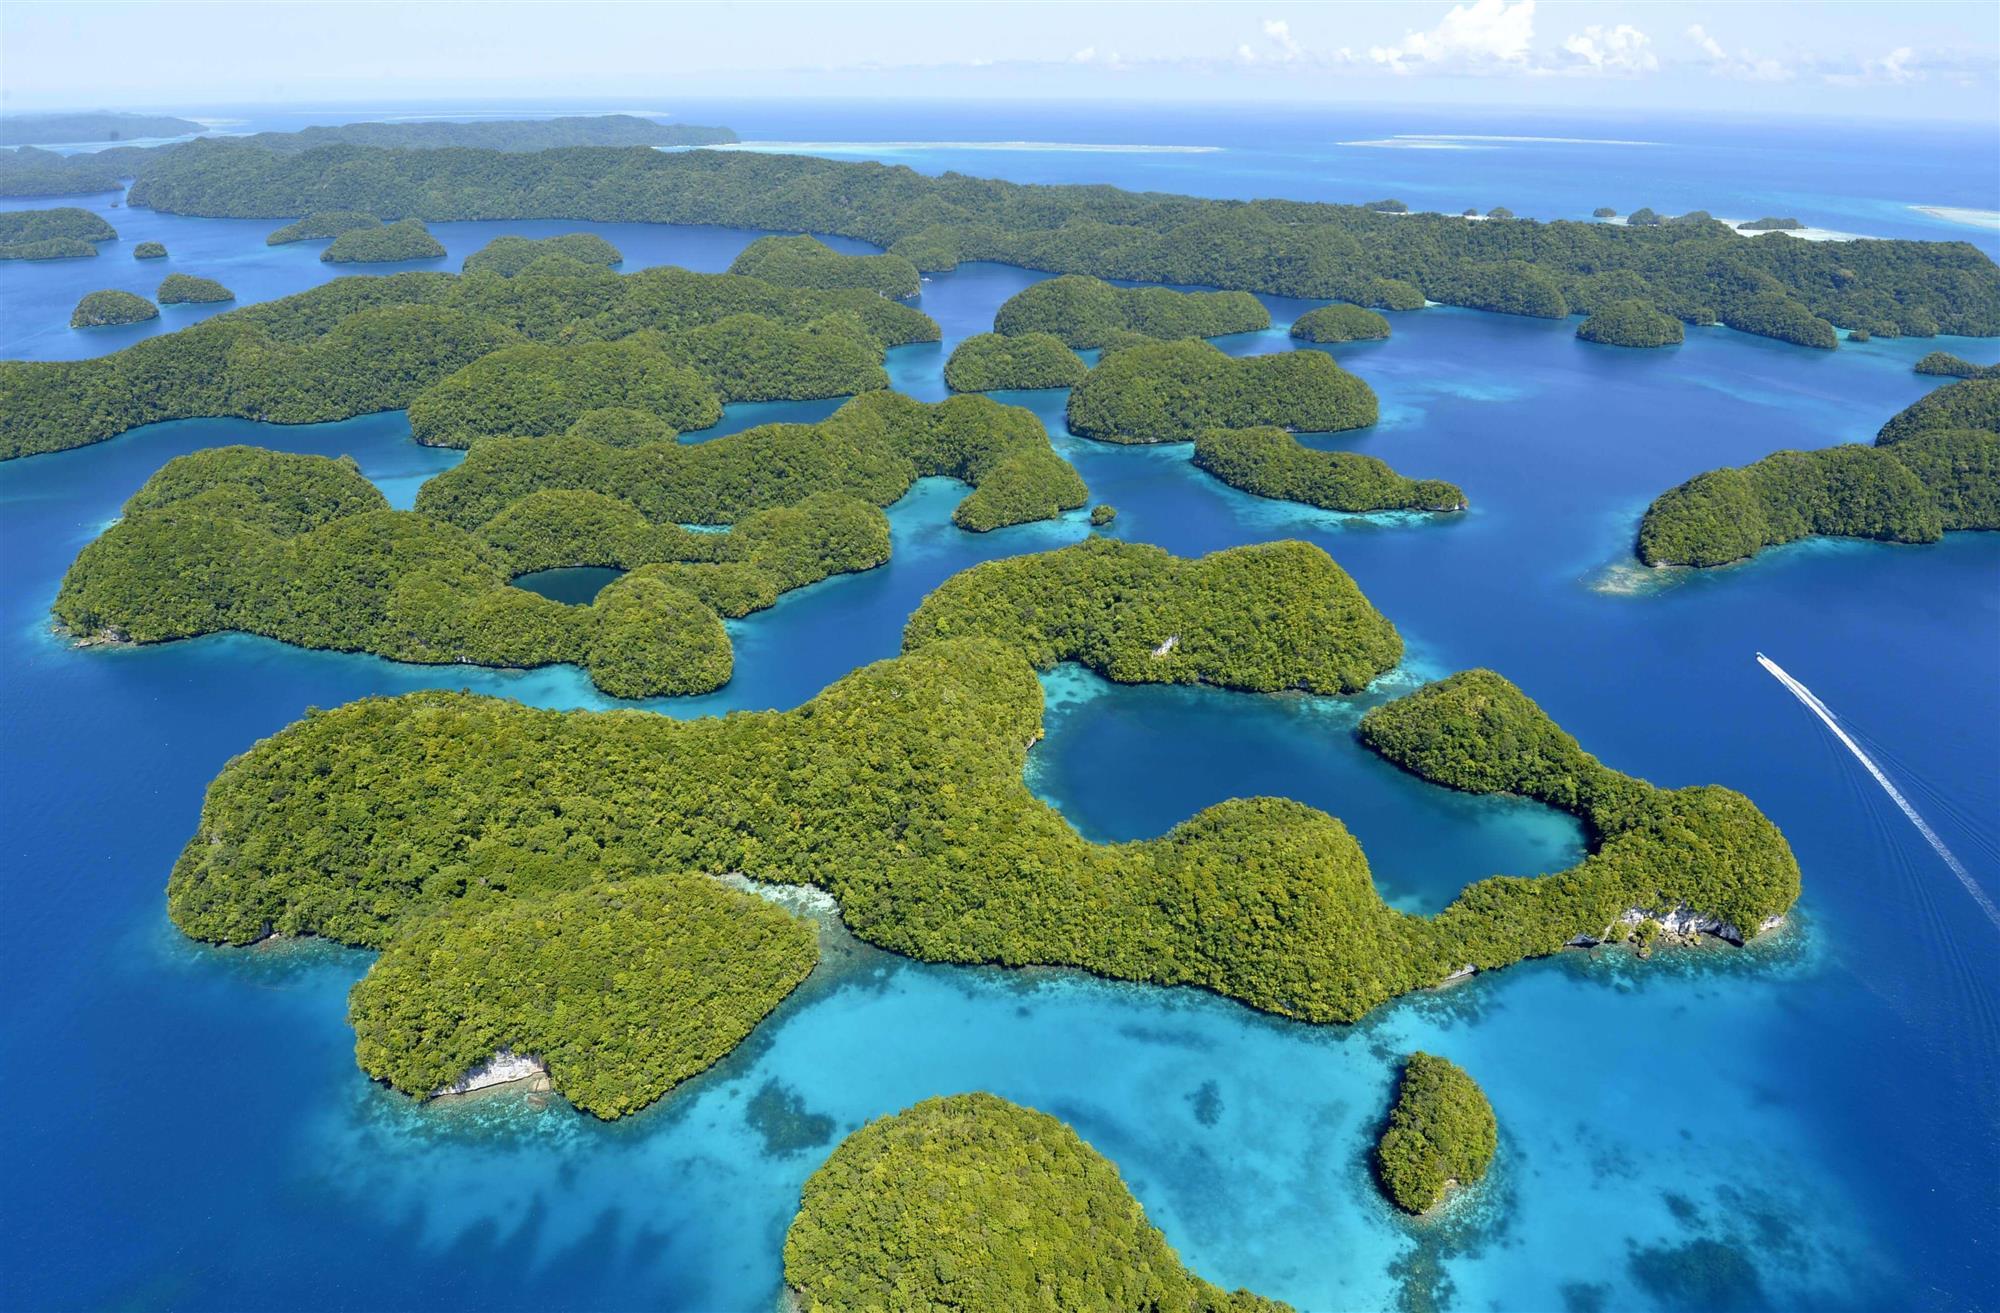 Las lagunas del sur de Rock Island, Palau